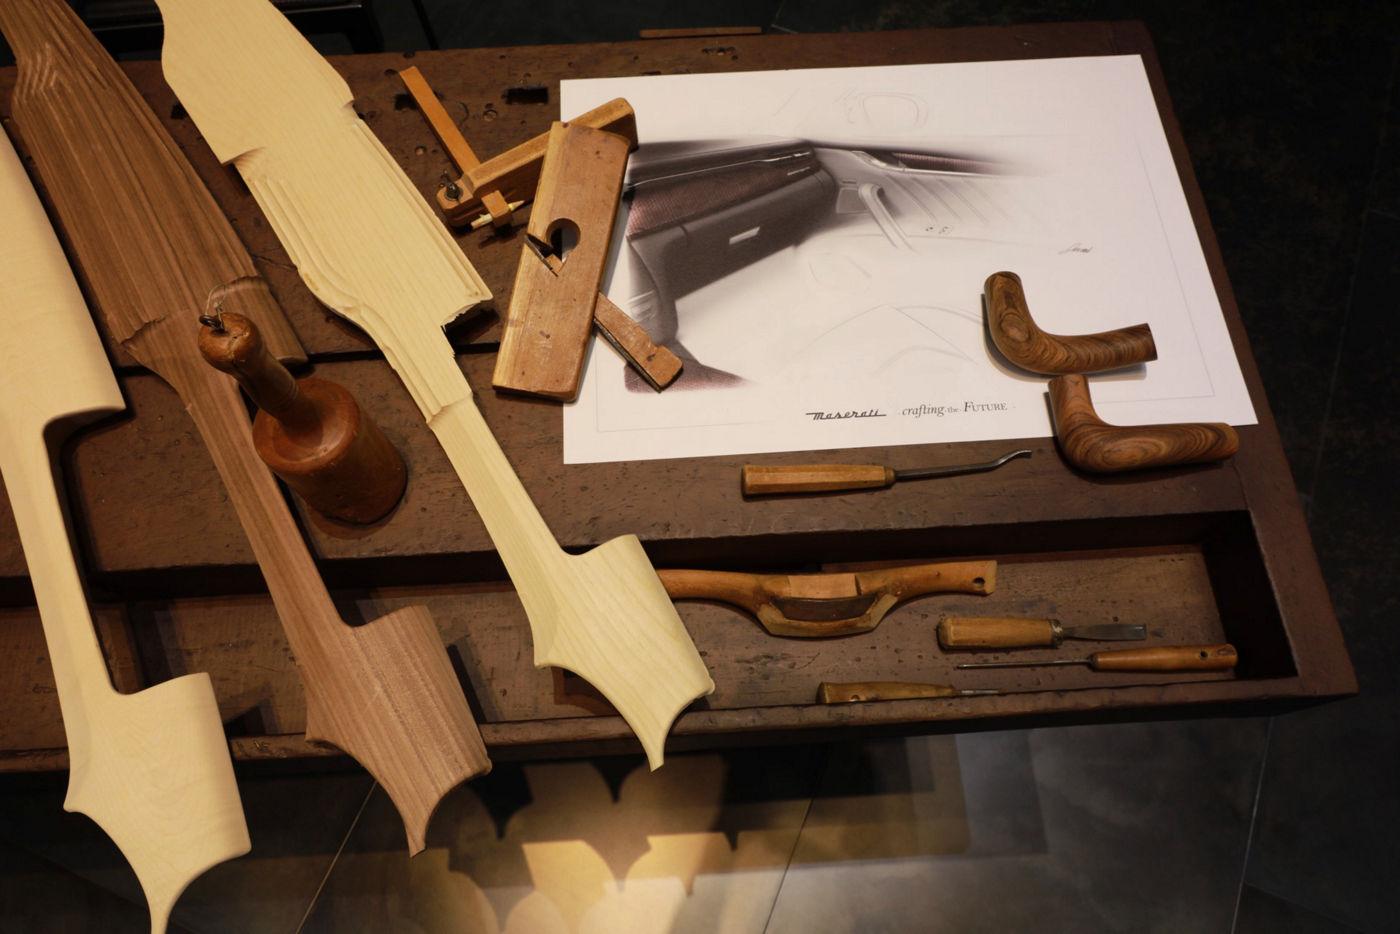 Maserati Crafting Italian Experiences: Holzverarbeitung im Atelier von Giorgetti